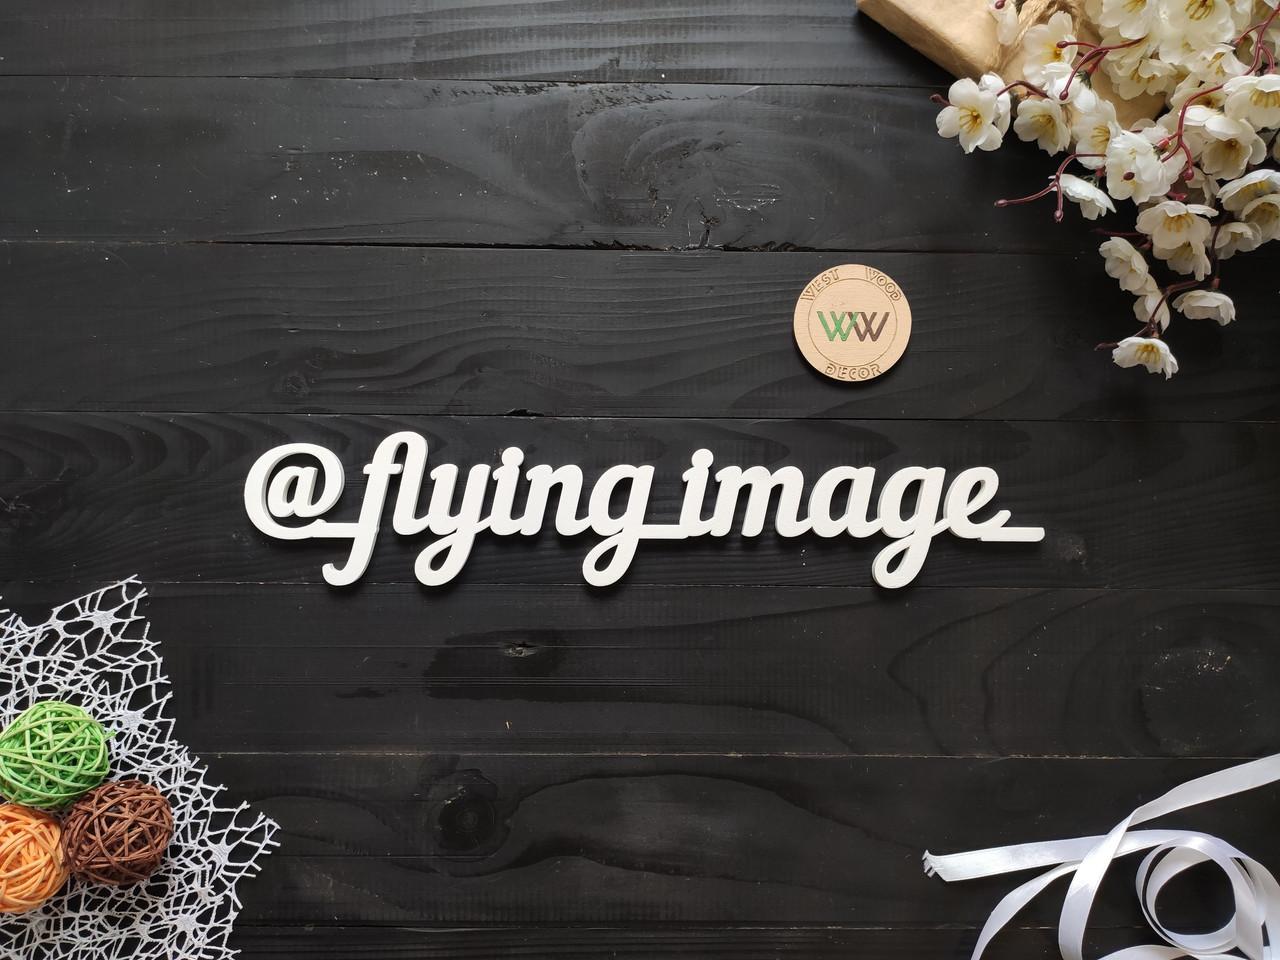 Логотип из дерева, хештег из дерева, название инстаграм профиля из дерева, название магазина instagram